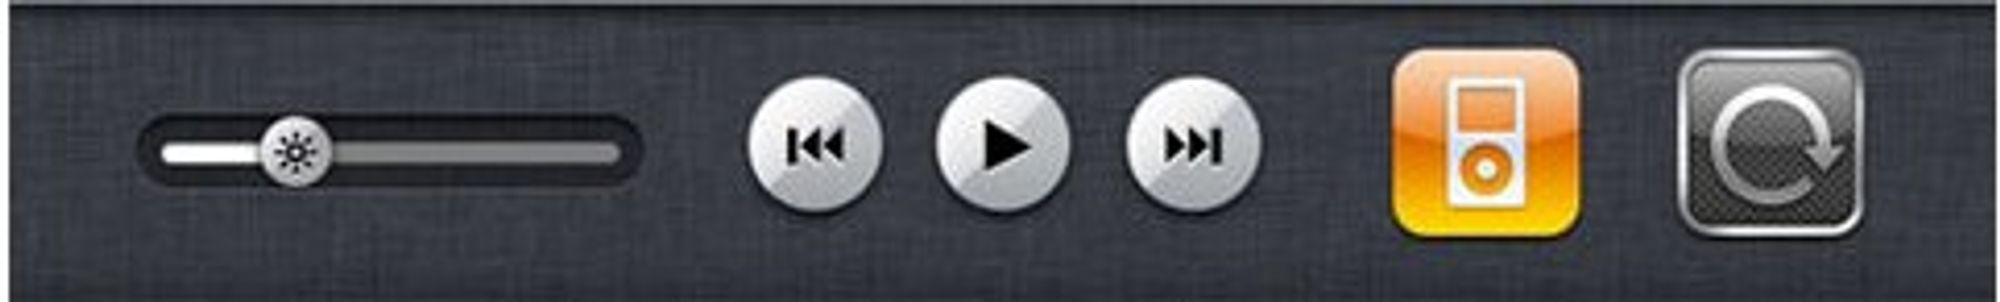 Selv om de ser ut som ekte knapper, føles det ikke som det når du trykker på dem.